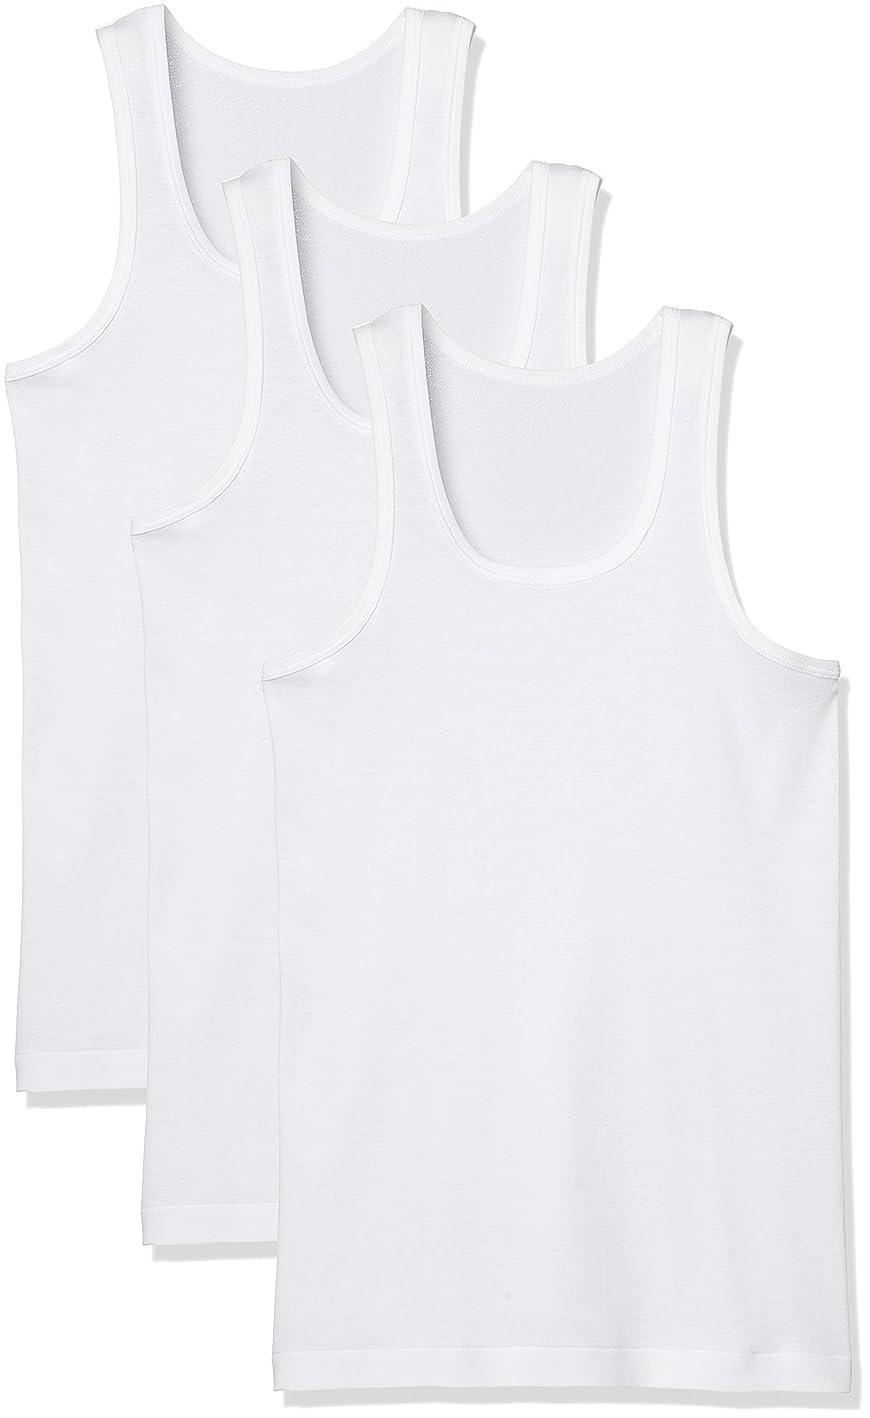 細分化する終了しました順番(グンゼ)GUNZE インナーシャツ 良品紀行 ランニング 綿100% 3枚組